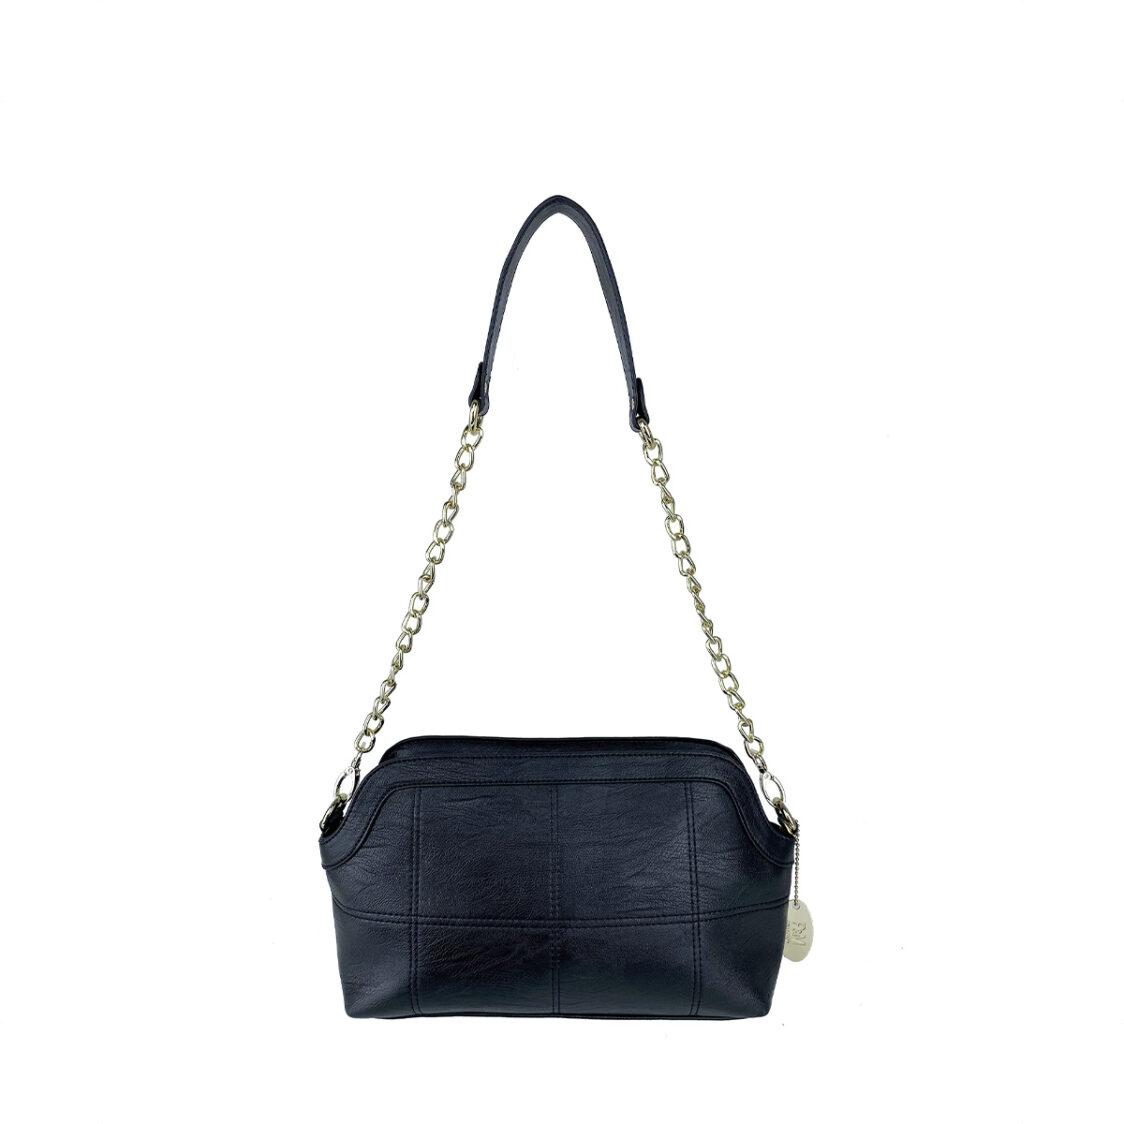 Perllini  Mel Chain Shoulder Bag With Sling Strap Black